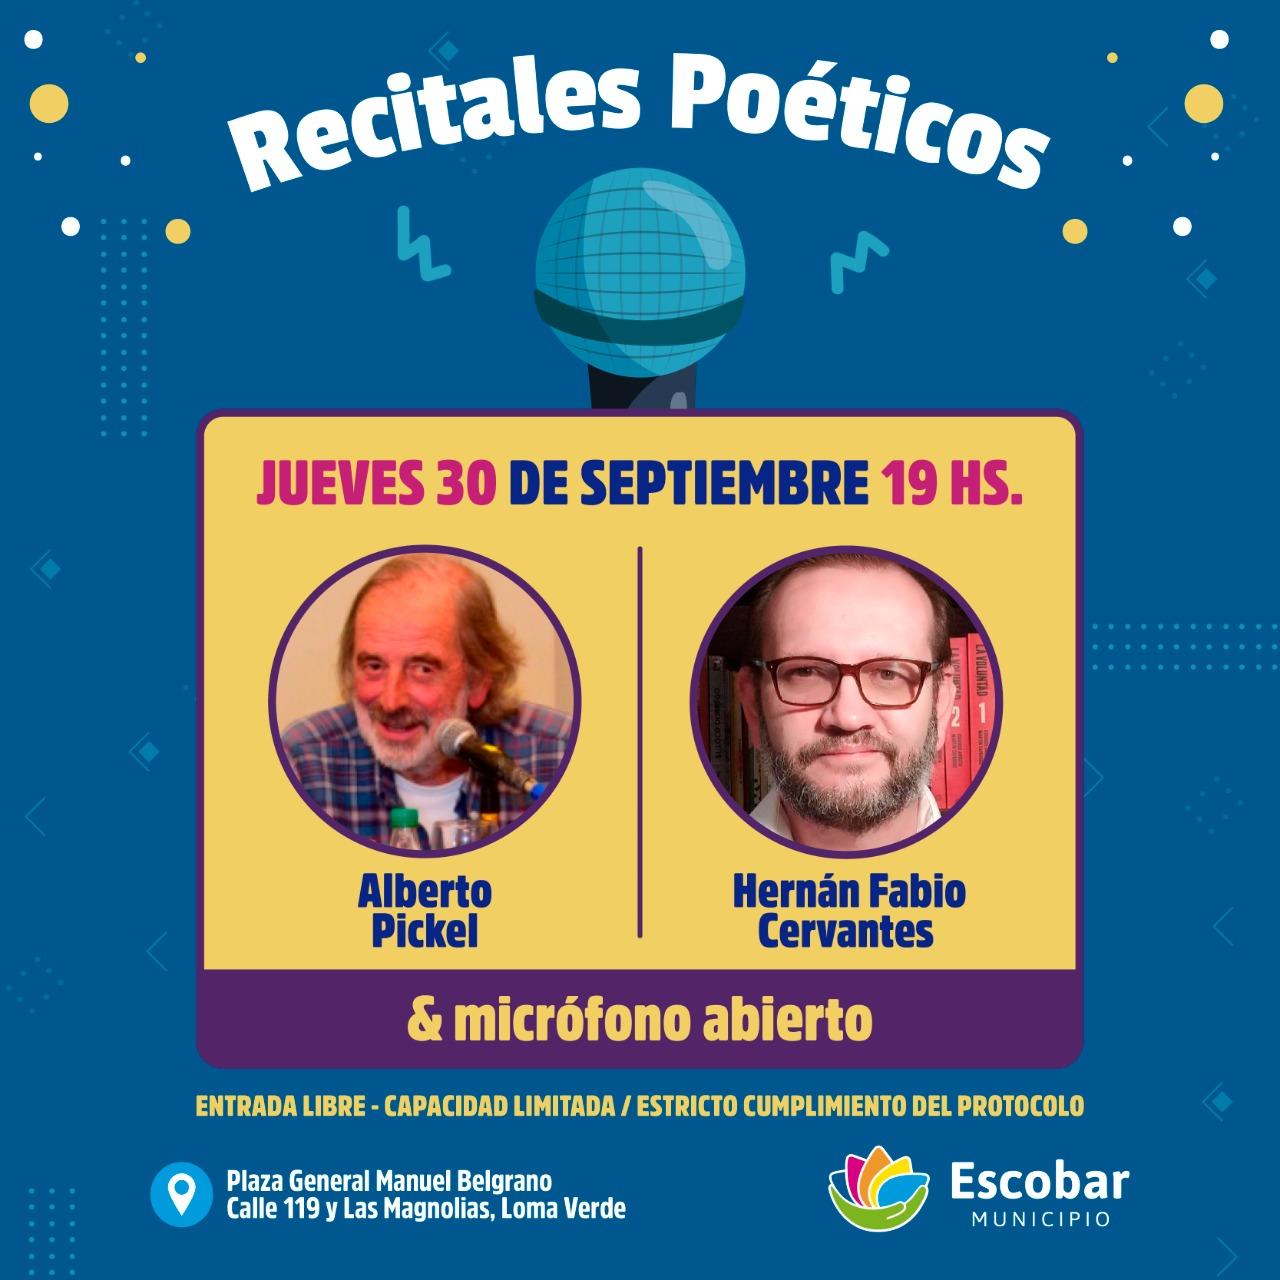 Escobar, continúa el exitoso Ciclo de Recitales Poéticos 2021